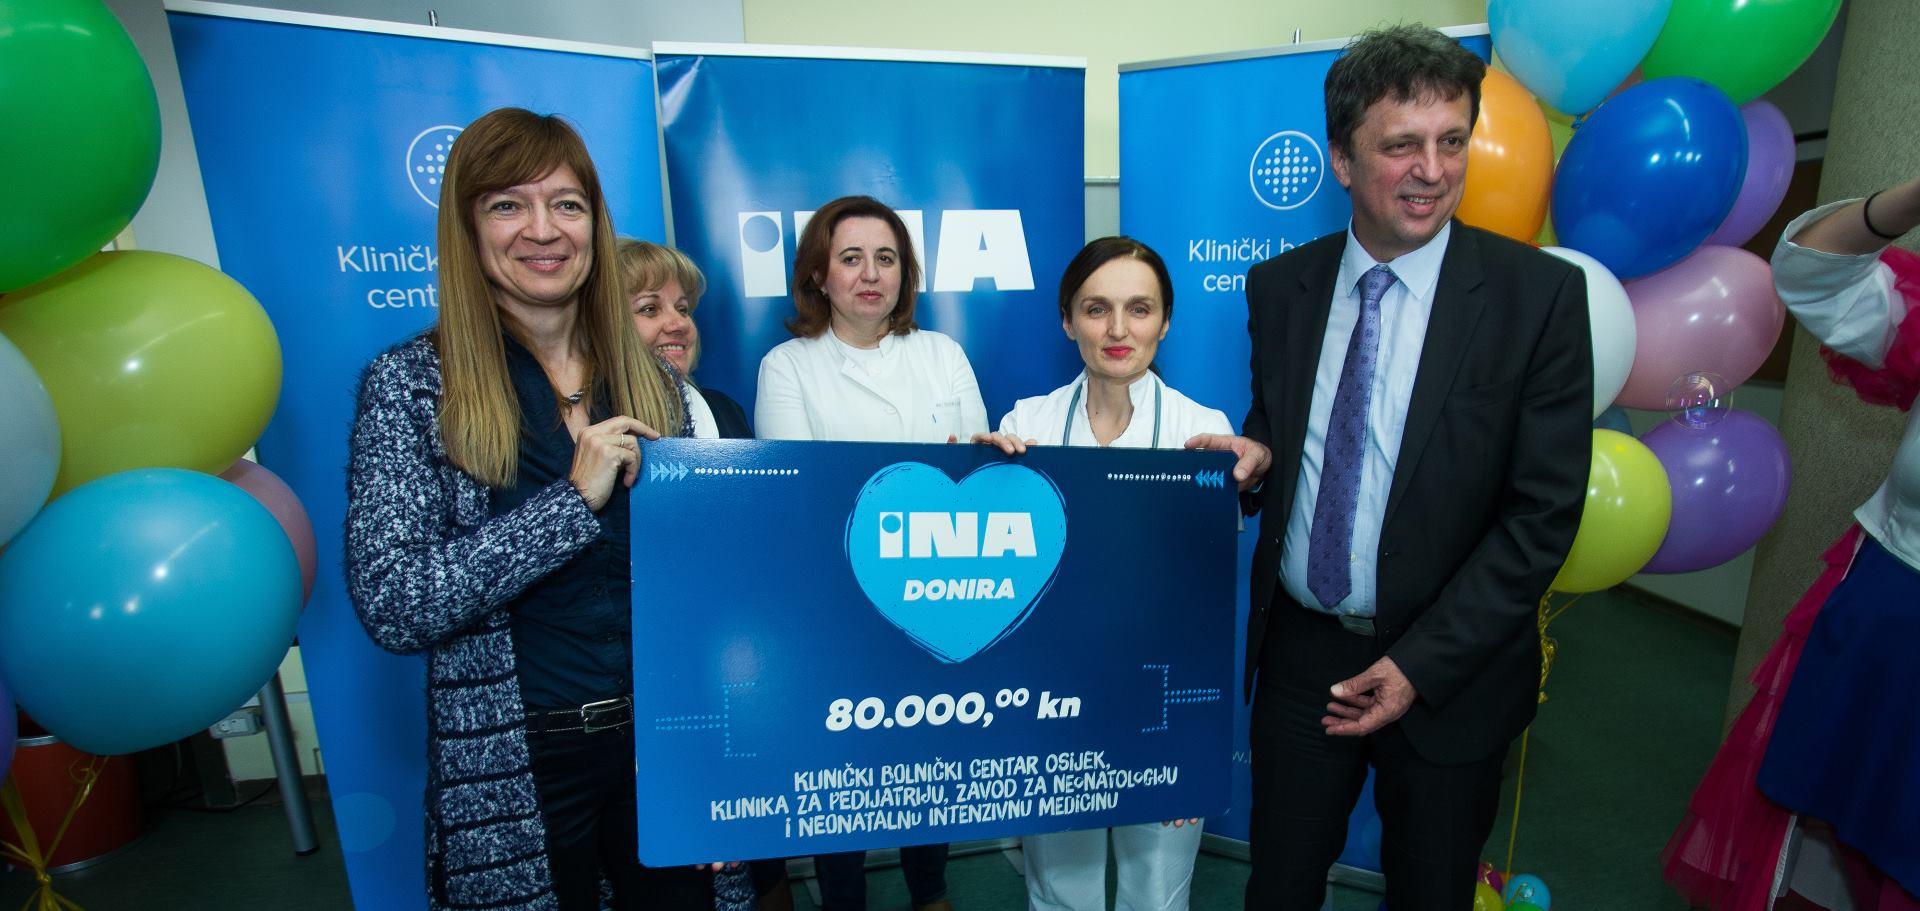 INA uručila donaciju Klinici za pedijatriju KBC-a Osijek